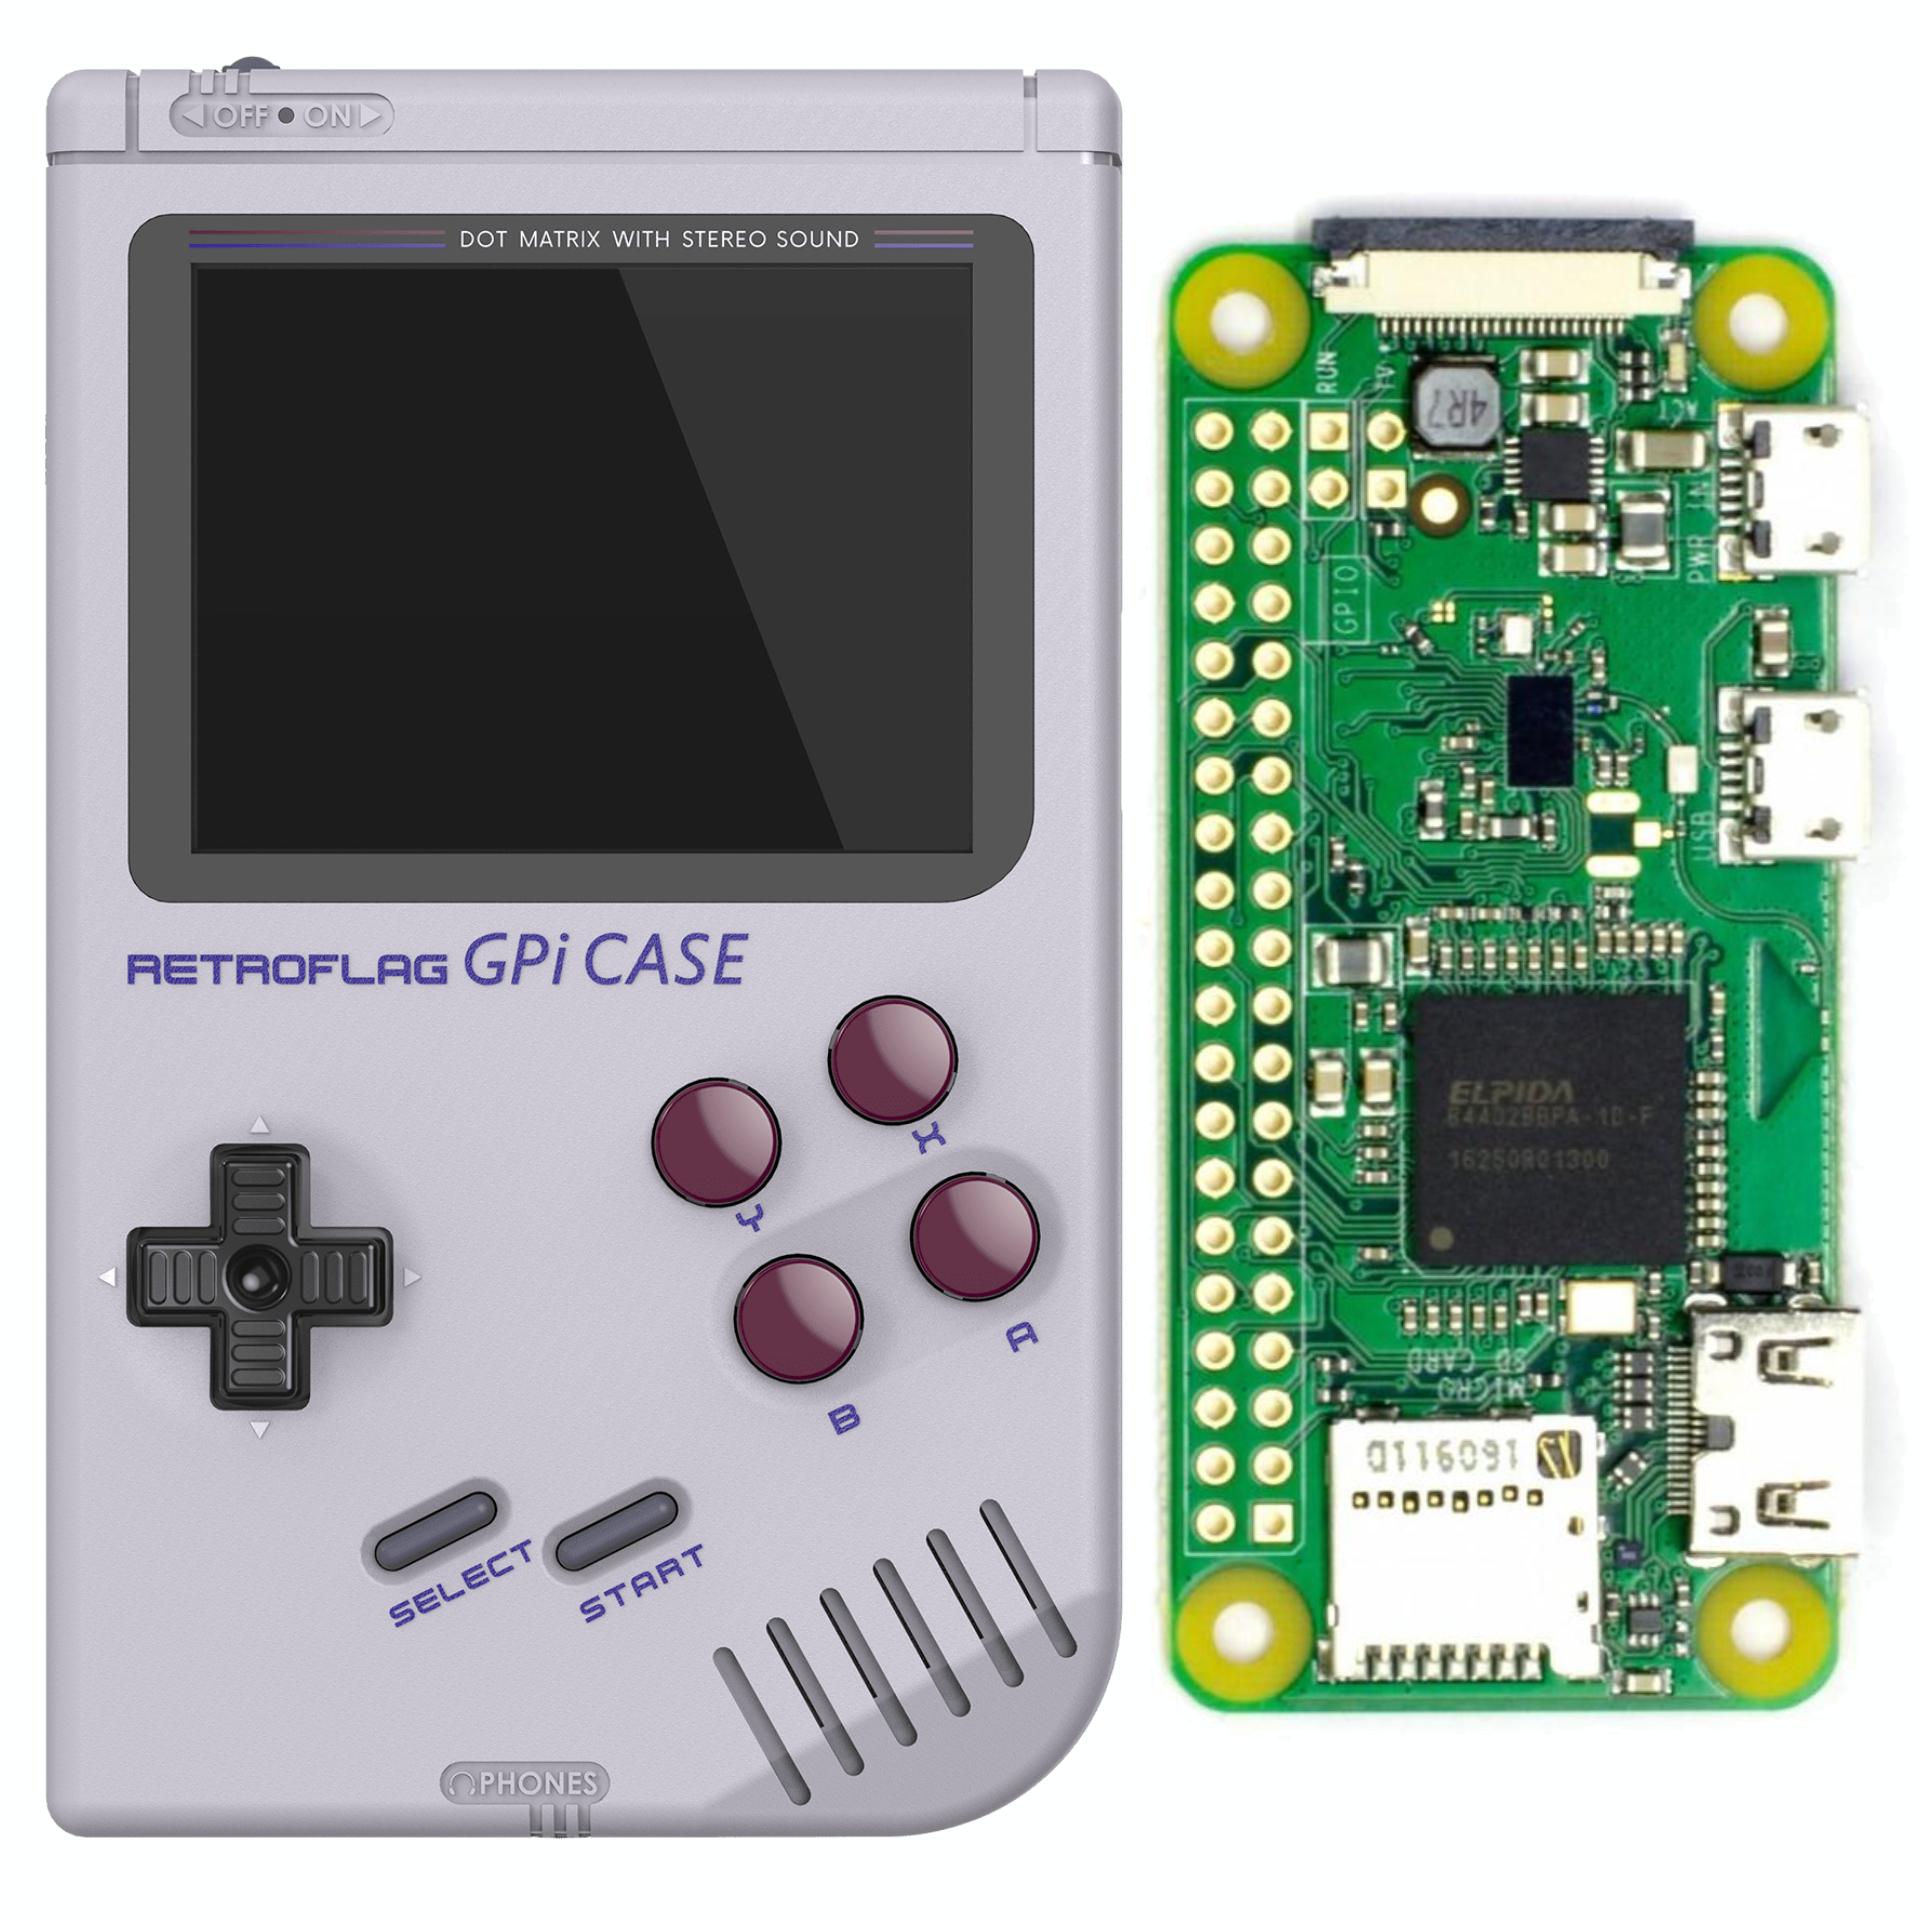 """Retroflag GPI Case mit Raspberry Pi Zero W (Gameboy Design, 2.8"""" Display, 8-Bit, 3.5mm Klinke, AA betrieben)"""